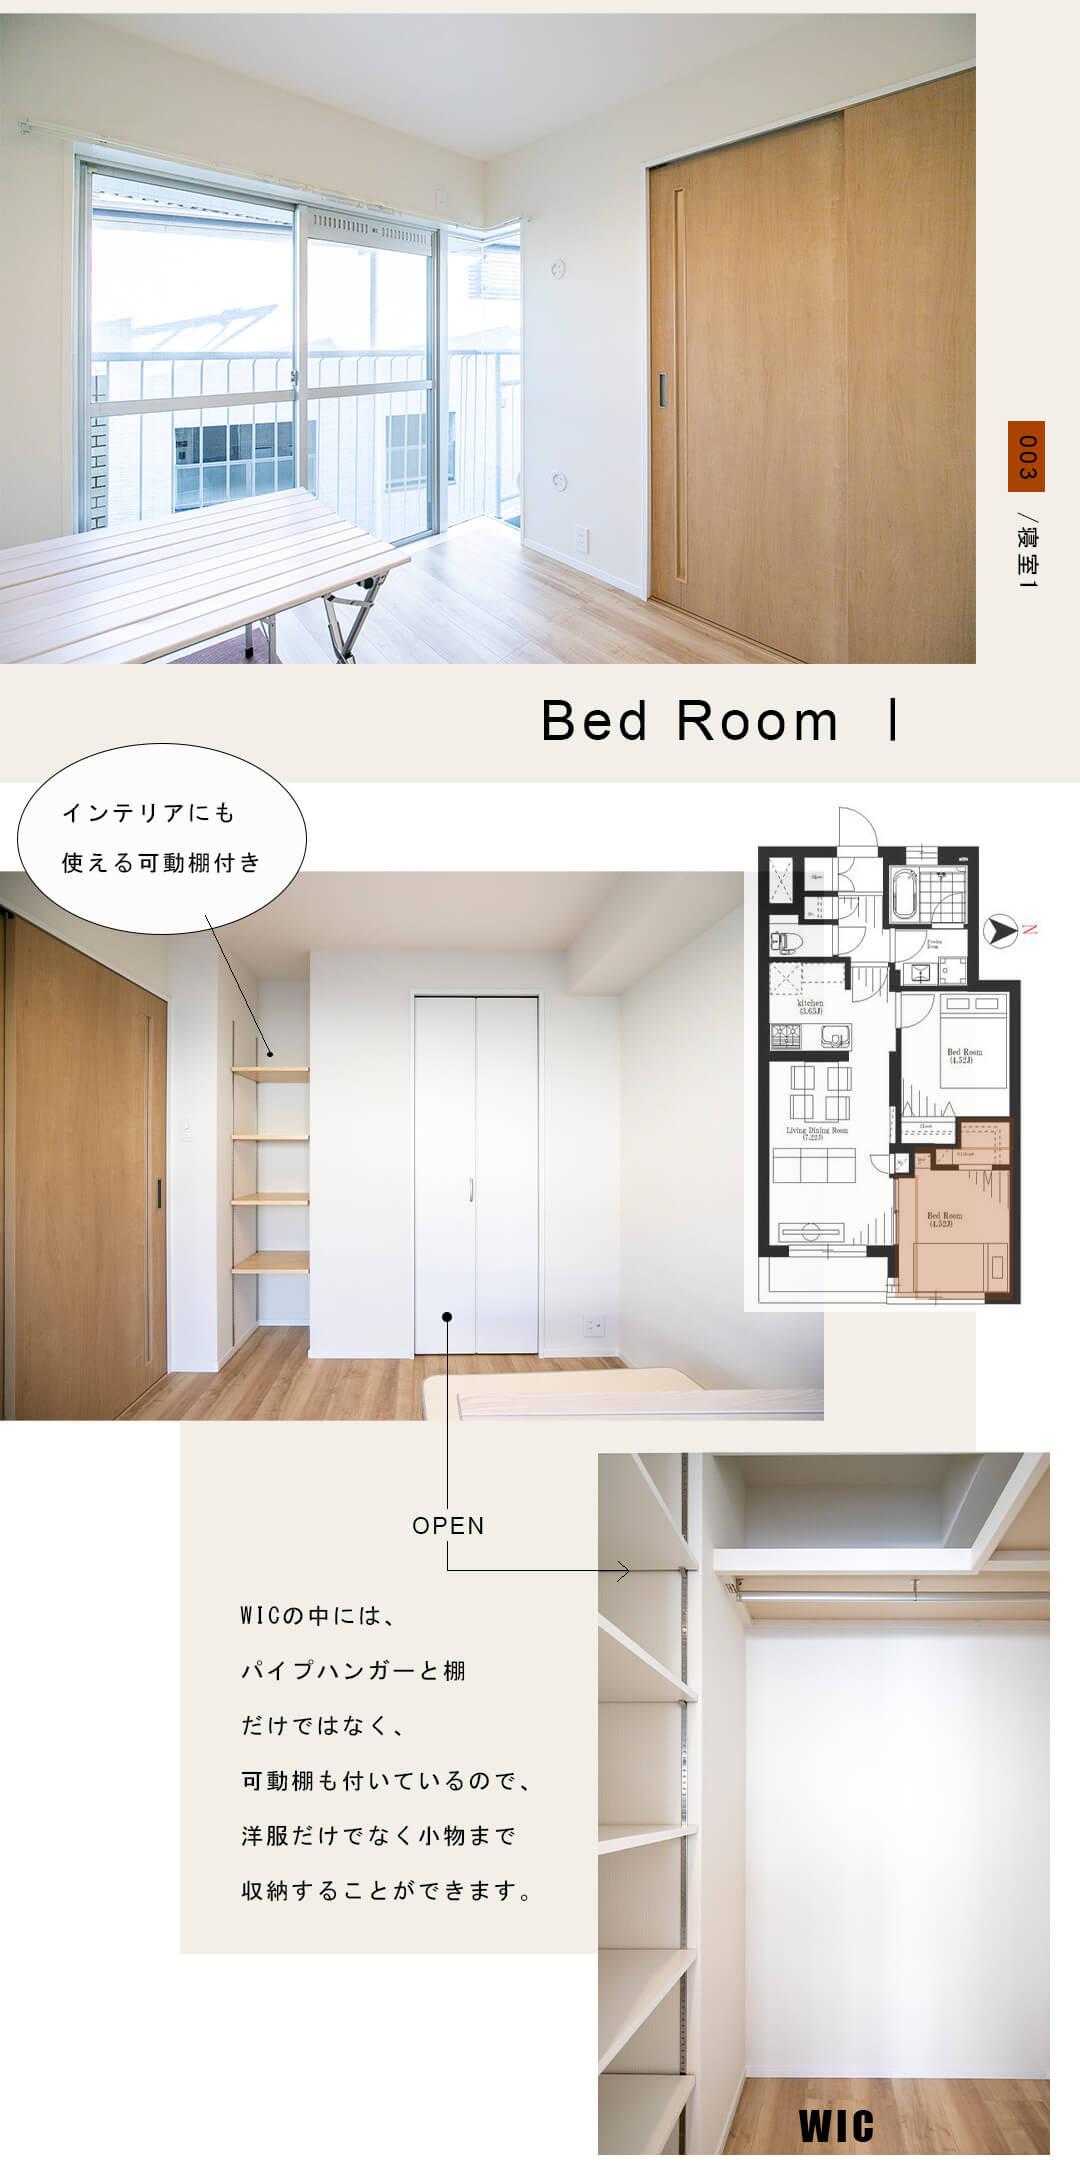 ベルハイム弦巻の寝室